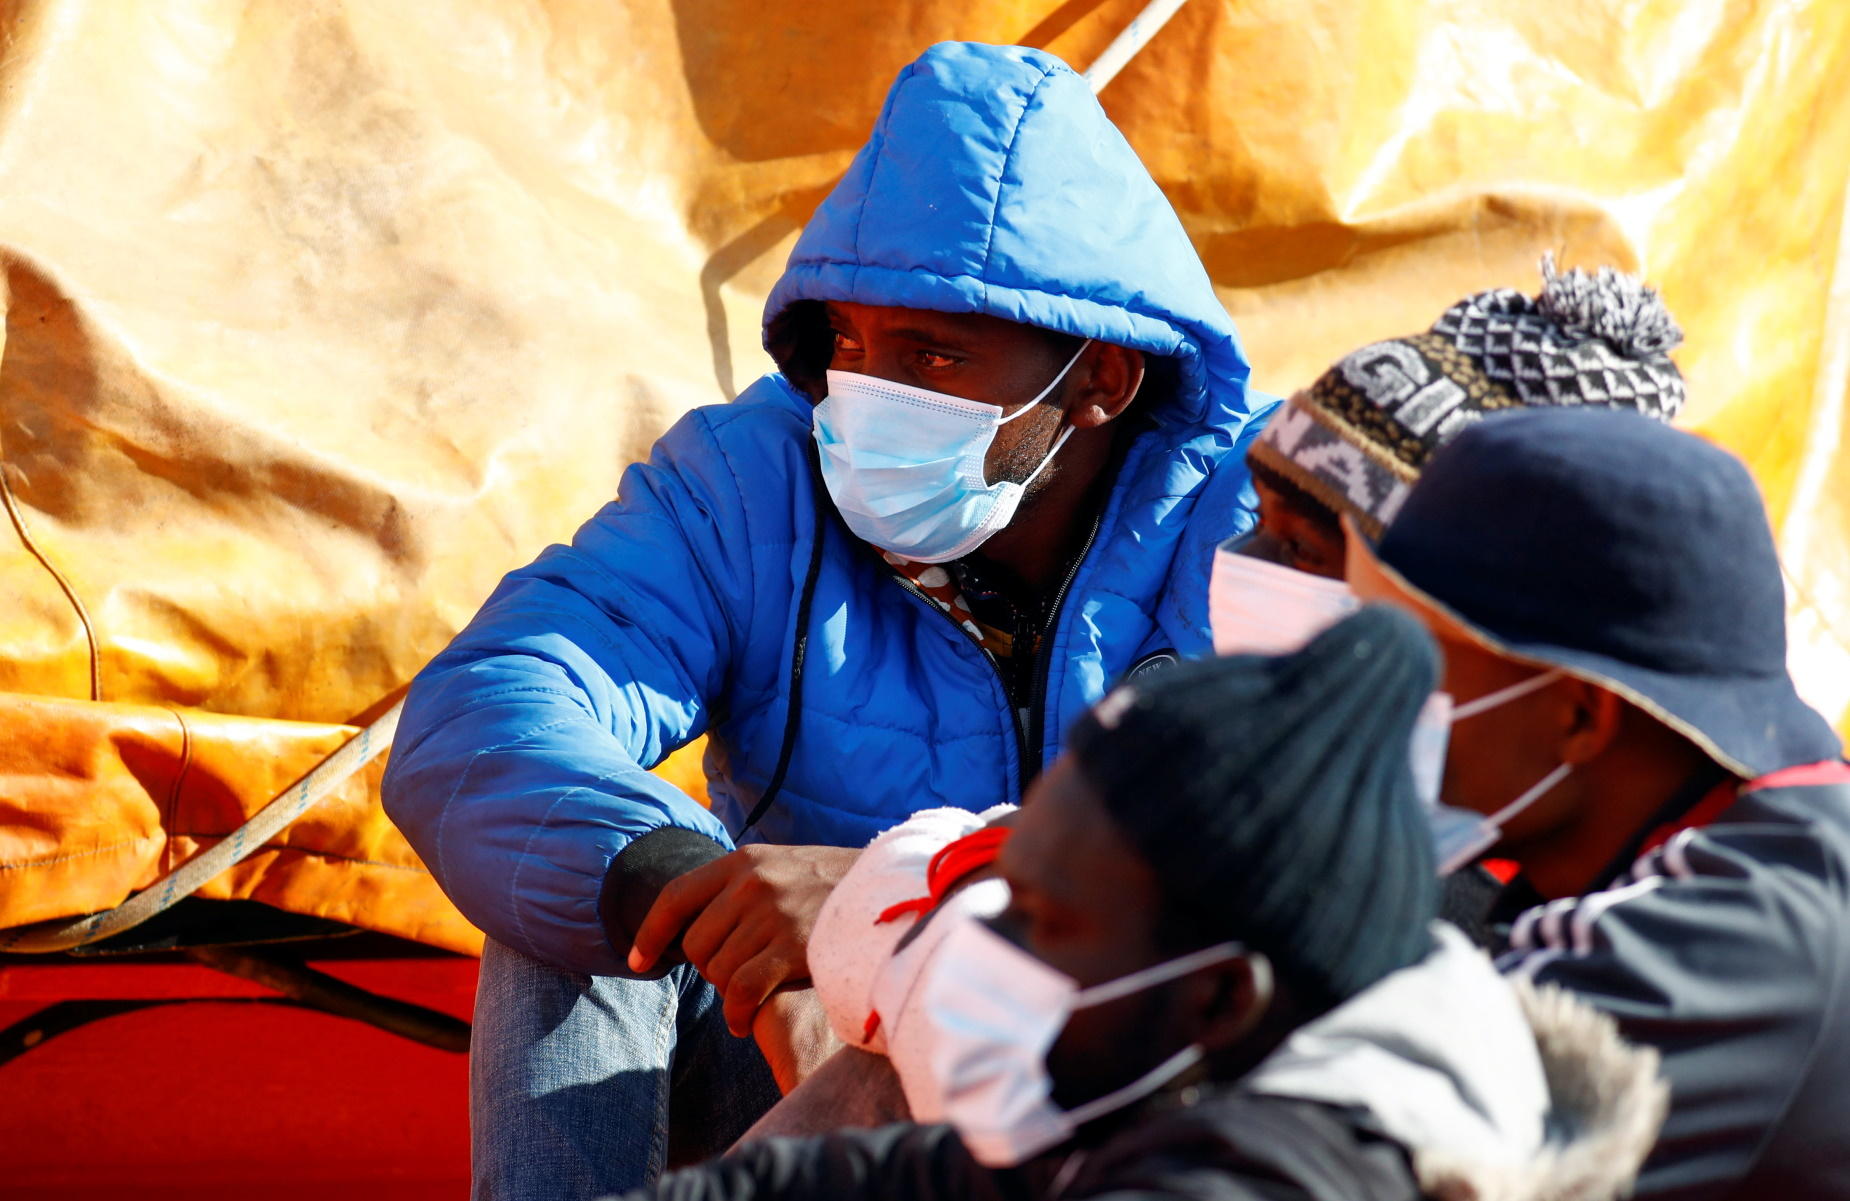 Μεσόγειος: Περισσότεροι από 600 μετανάστες διασώθηκαν ανοικτά της Λιβύης